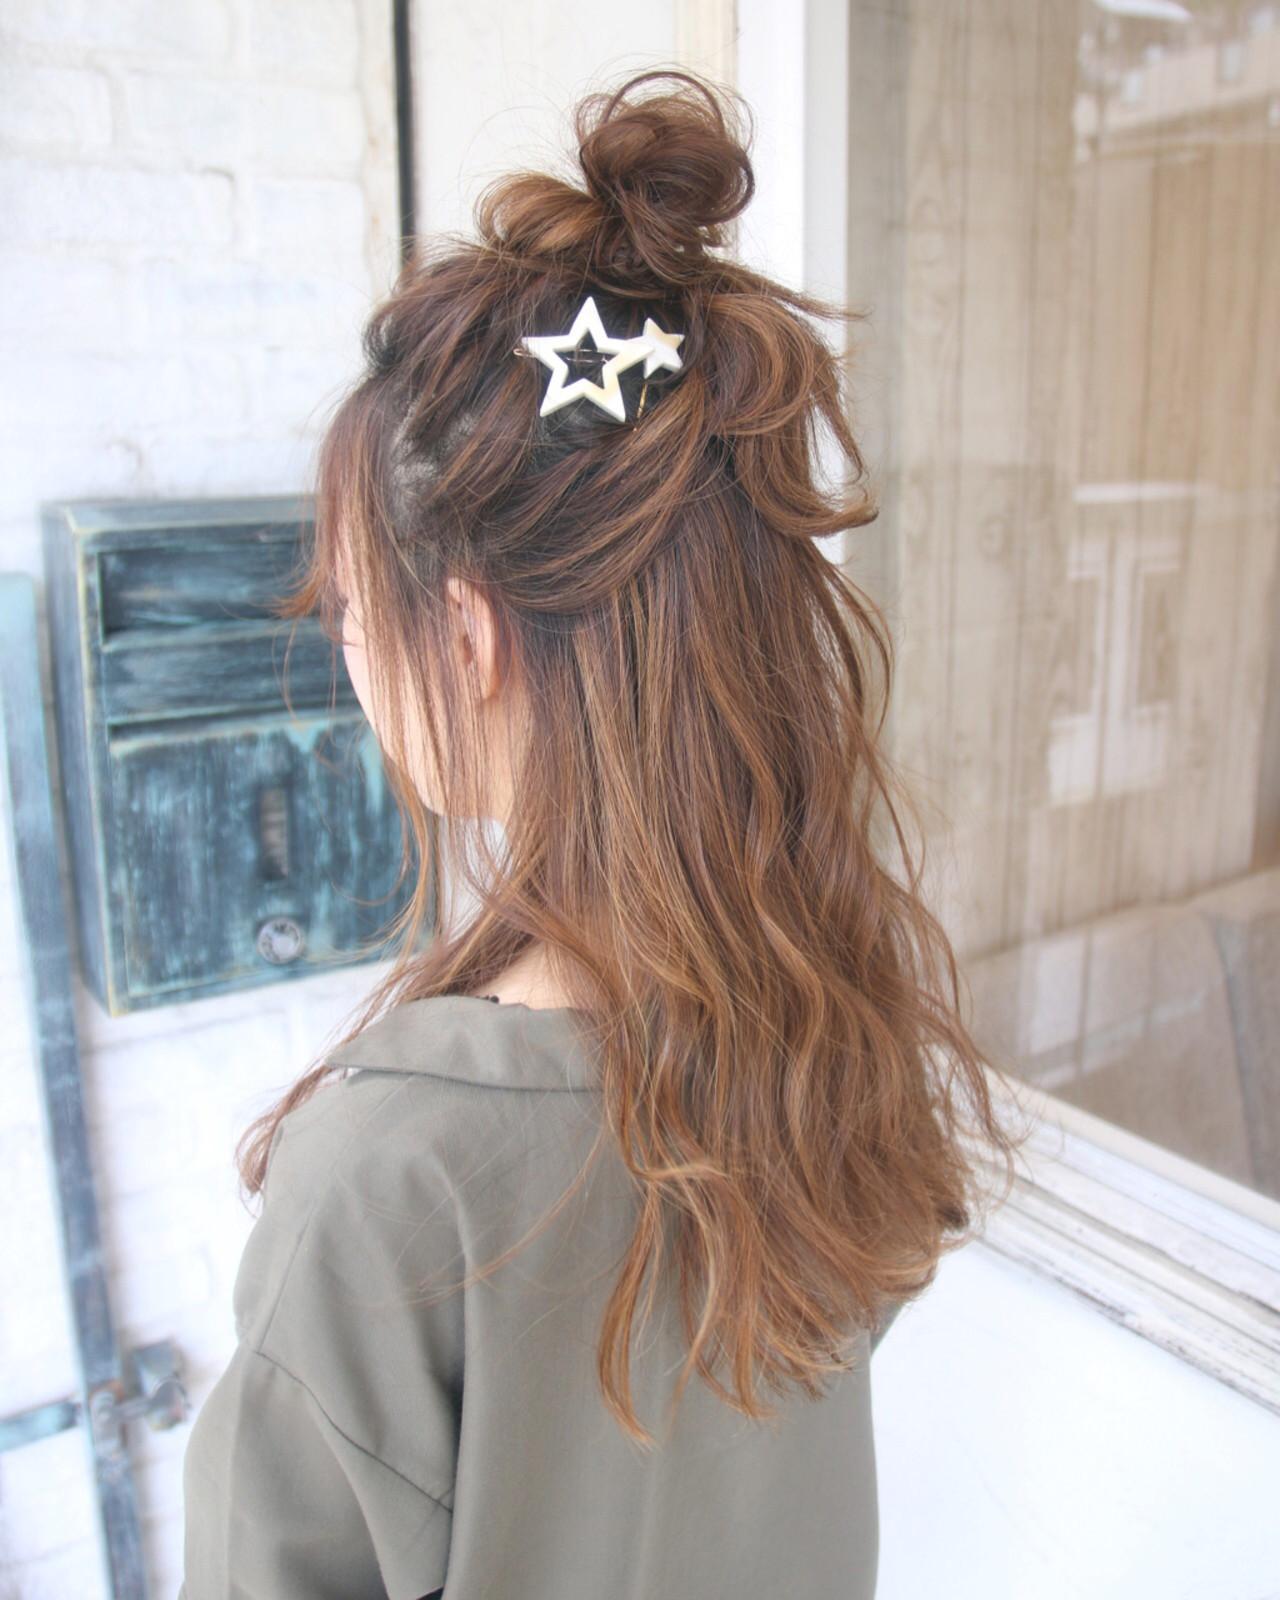 ヘアアレンジ ハーフアップ ロング ナチュラル ヘアスタイルや髪型の写真・画像